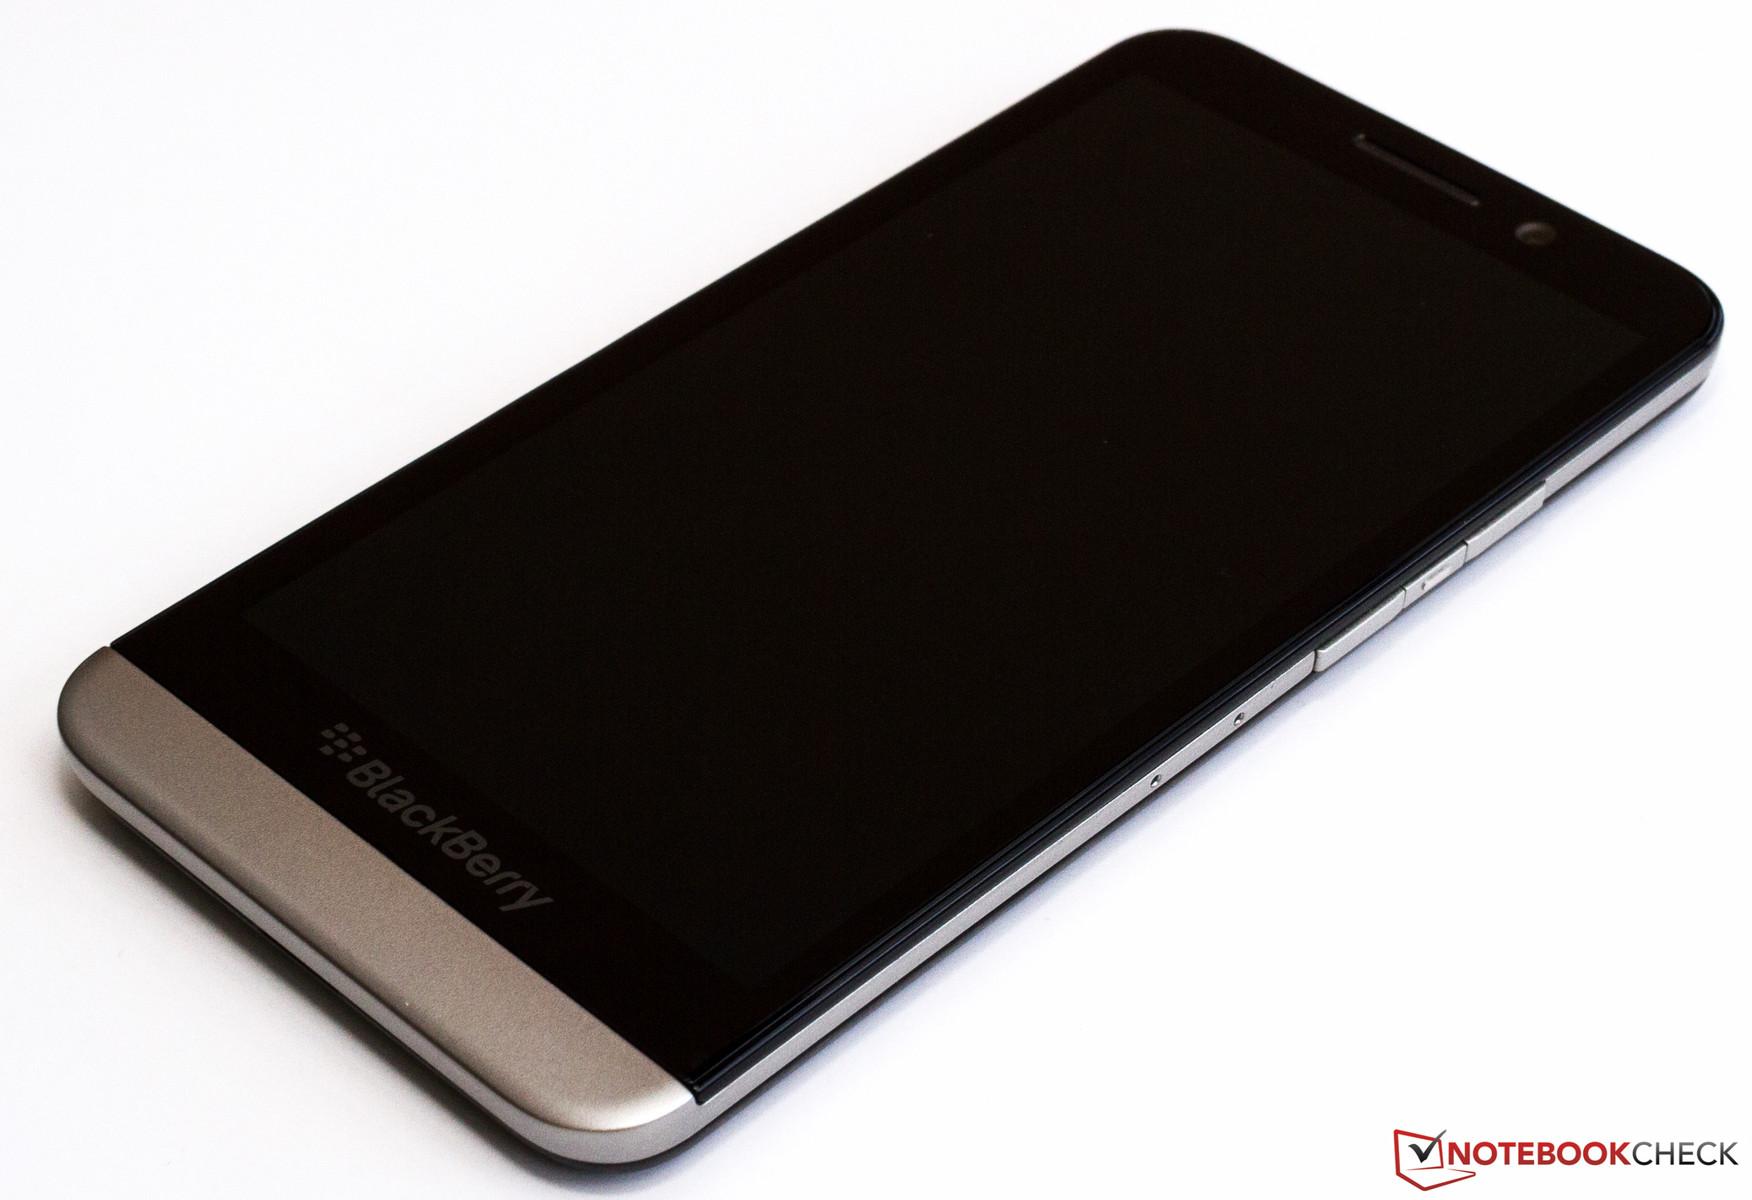 courte critique du smartphone blackberry z30. Black Bedroom Furniture Sets. Home Design Ideas